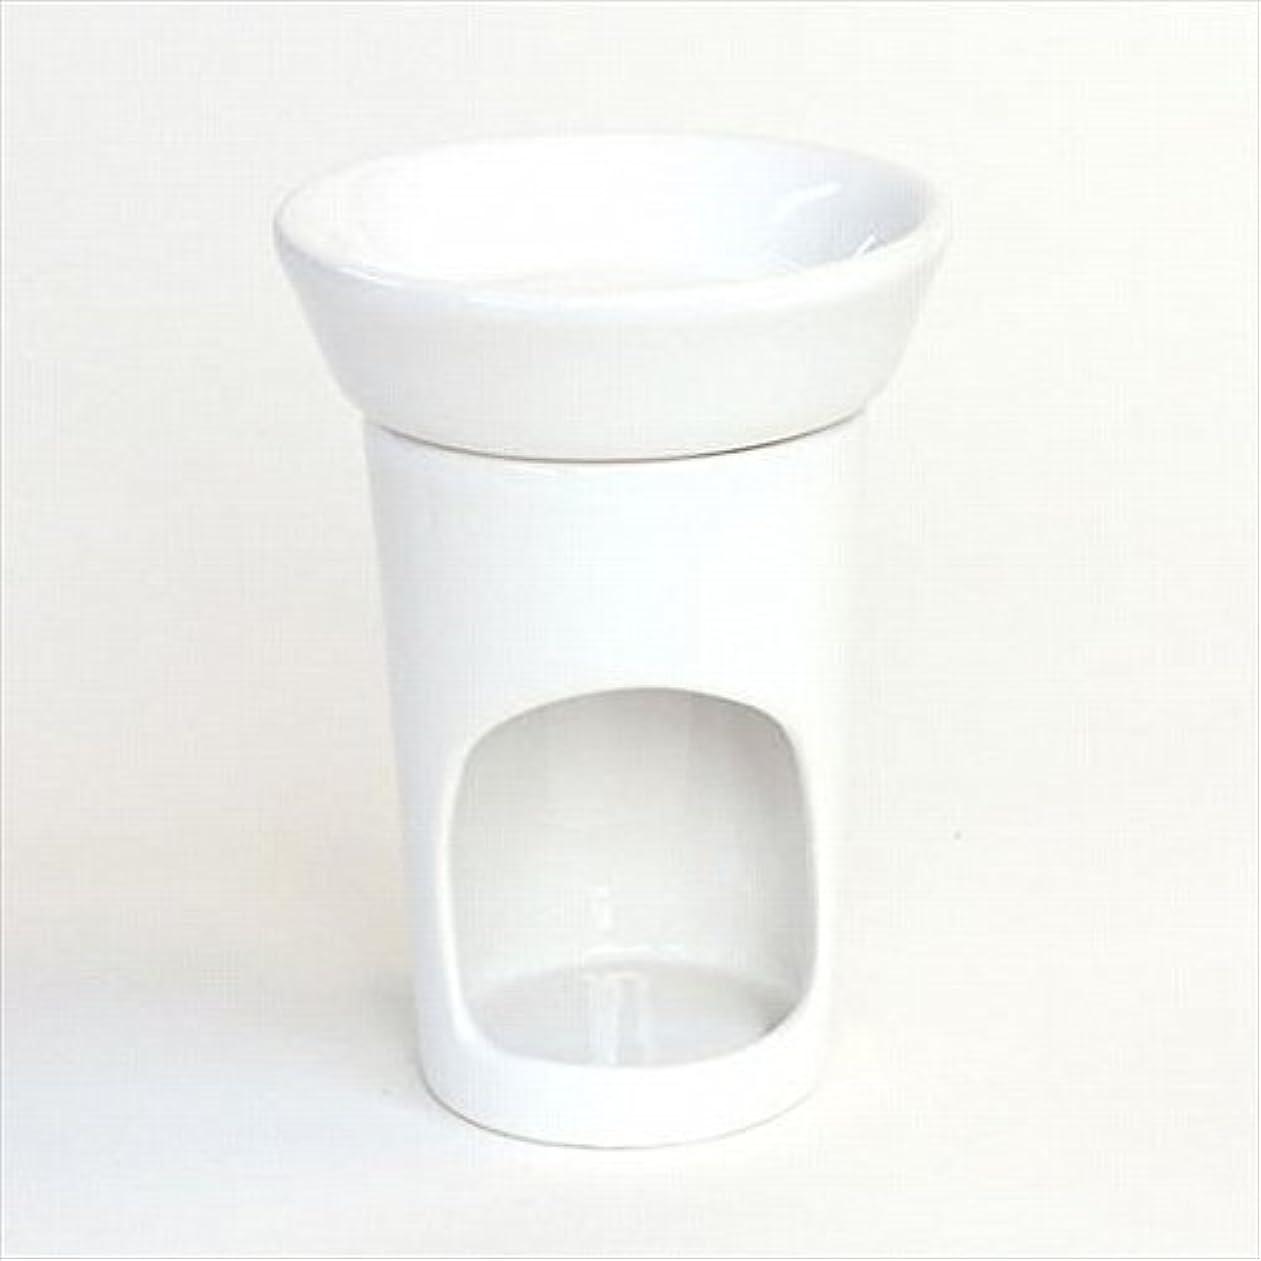 スリットイノセンス優雅kameyama candle(カメヤマキャンドル) ブランタルトウォーマー キャンドル 78x78x116mm (J5250000)